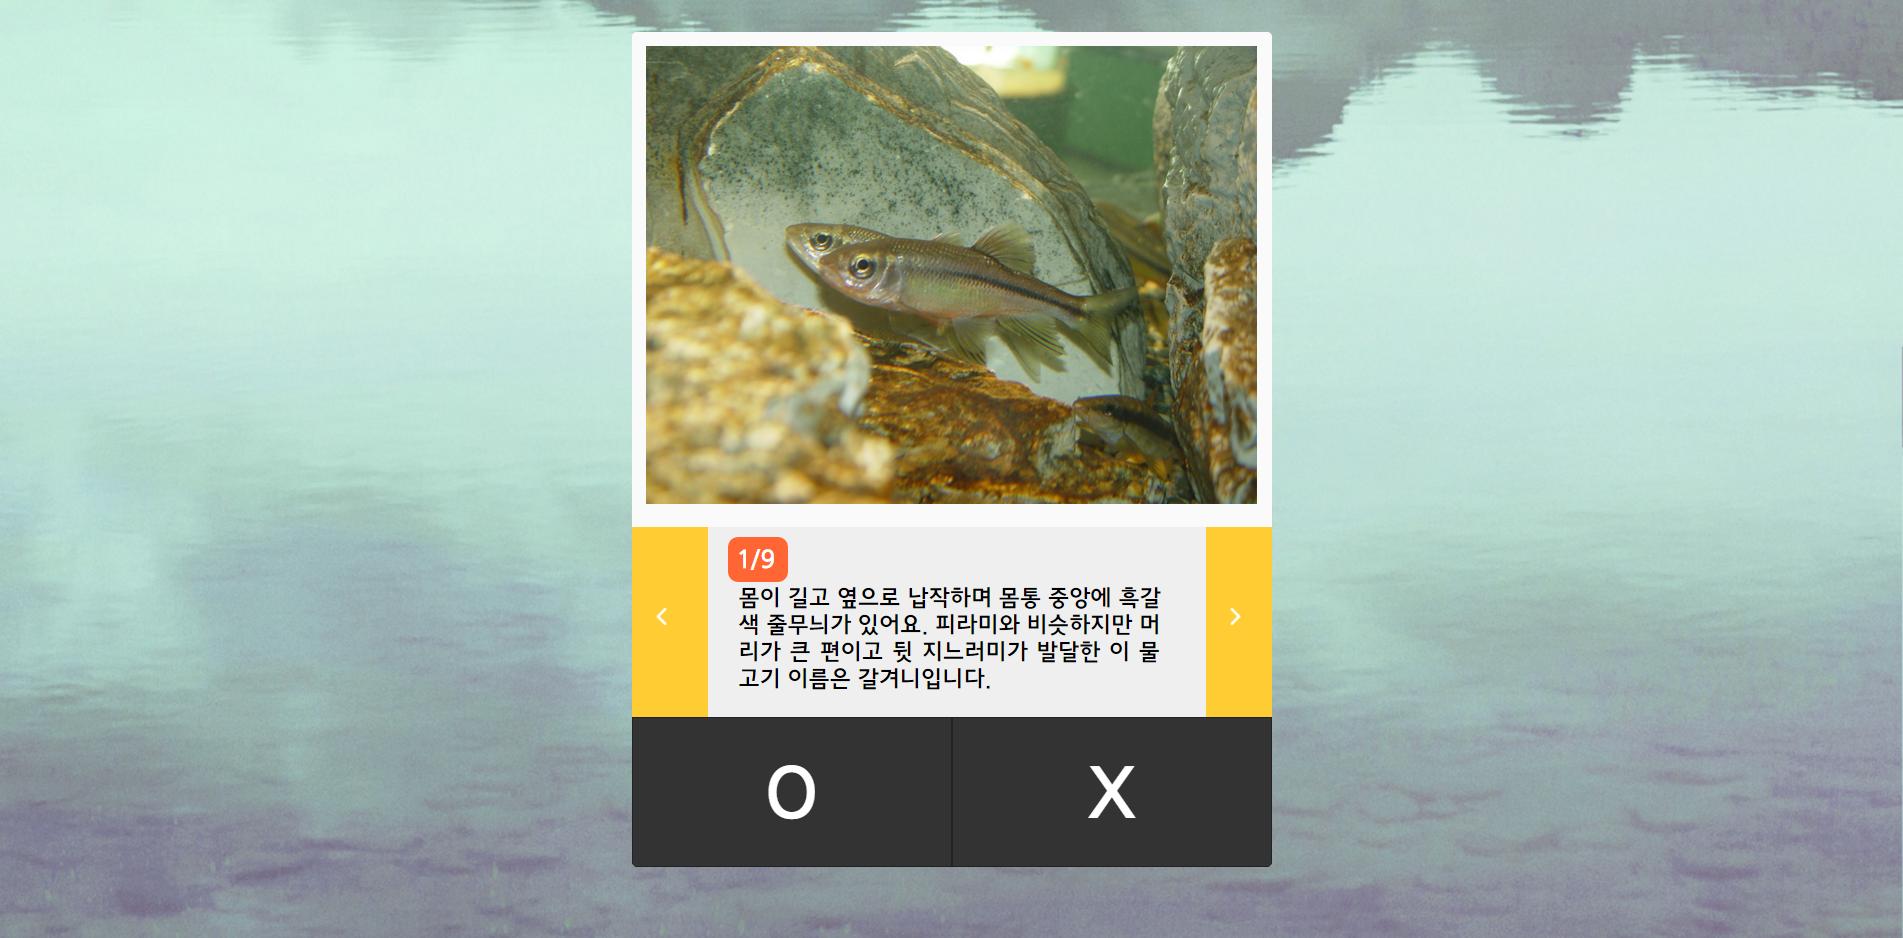 민물고기OX퀴즈_02